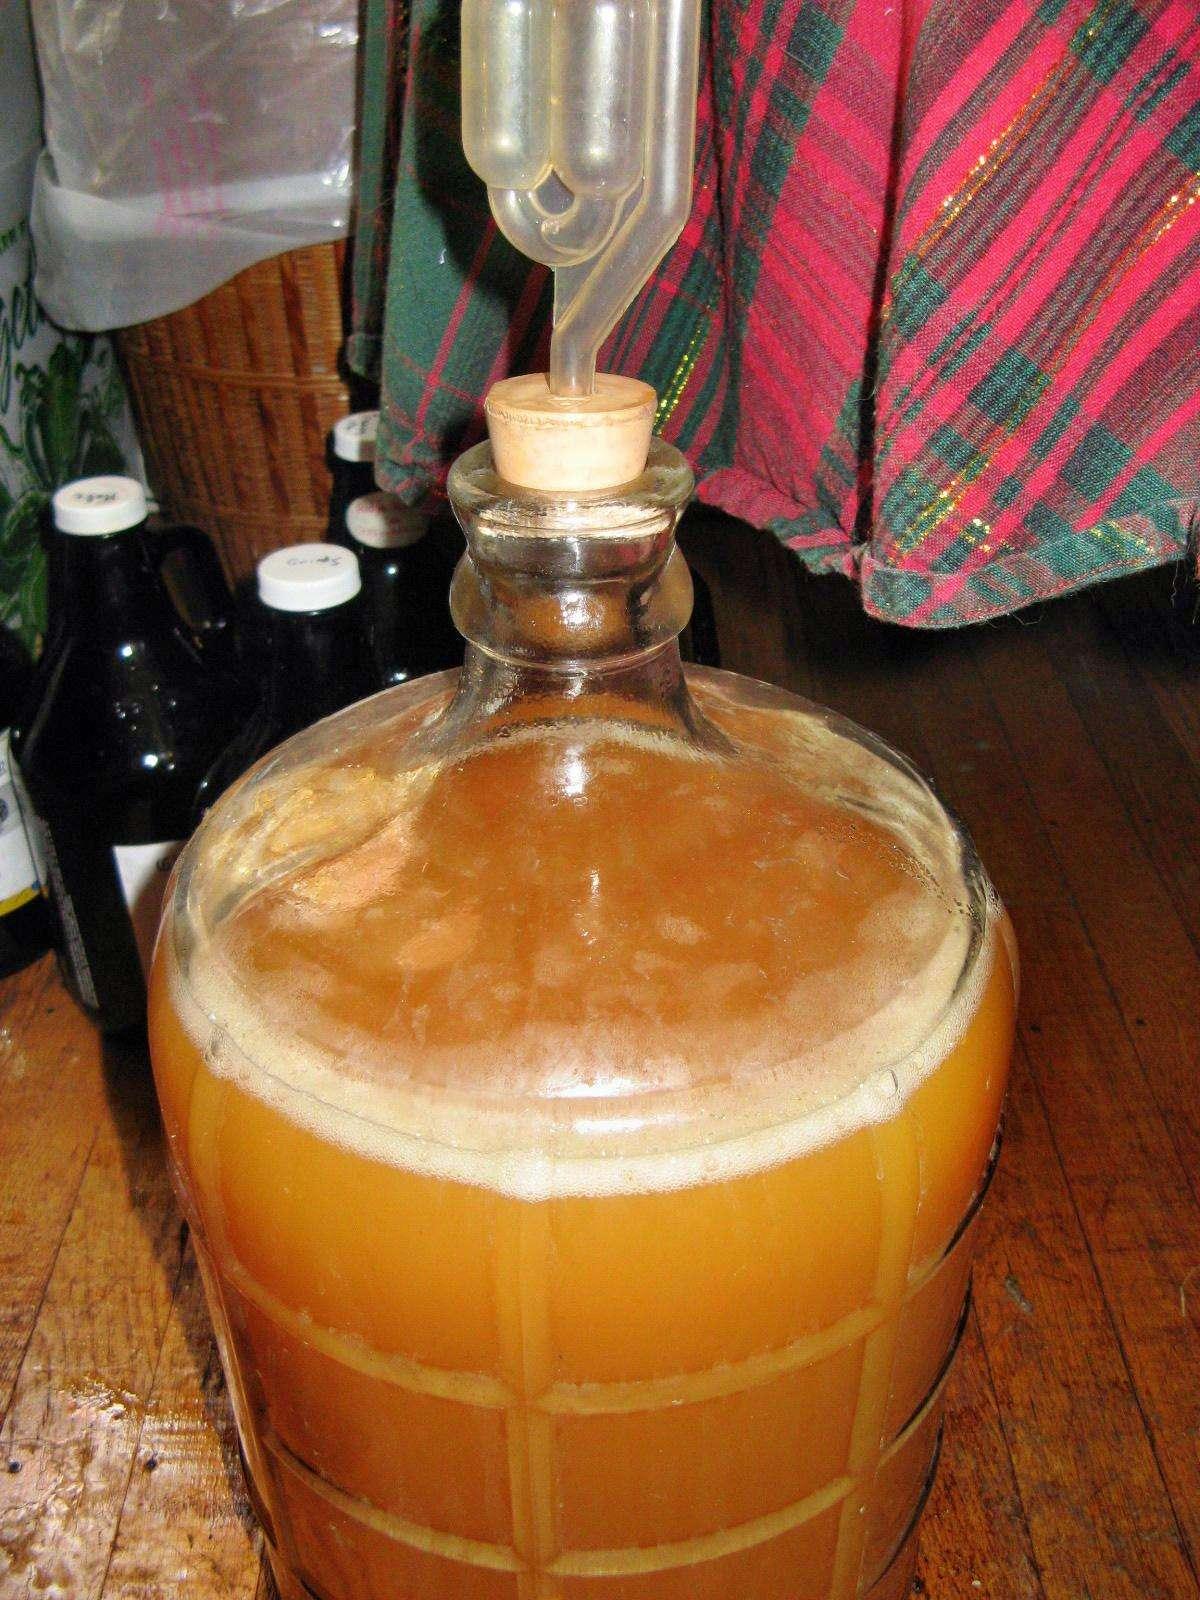 Брага из яблок для самогона: 5 рецептов в домашних условиях 62